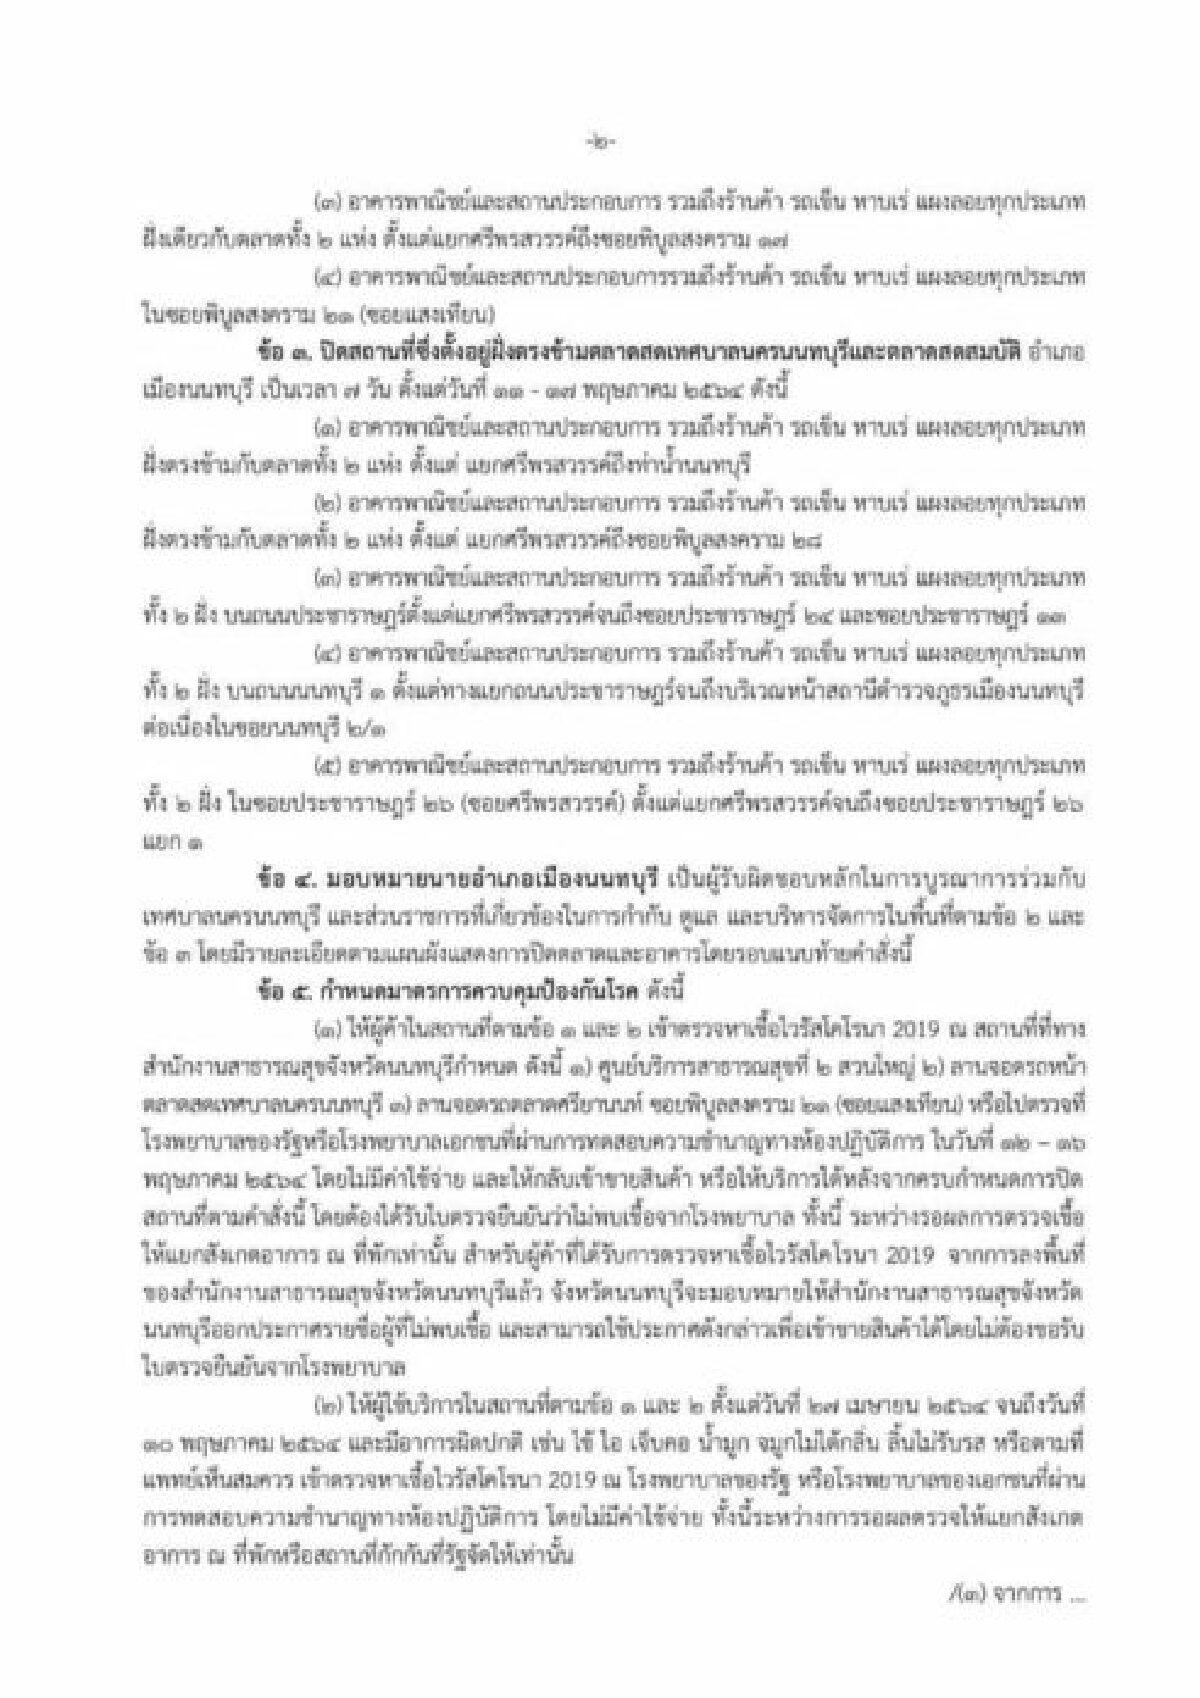 ปิดตลาดสดเทศบาลนครนนทบุรี - ตลาดสดสมบัติ 14 วัน หลังเจอโควิดคลัสเตอร์ใหม่